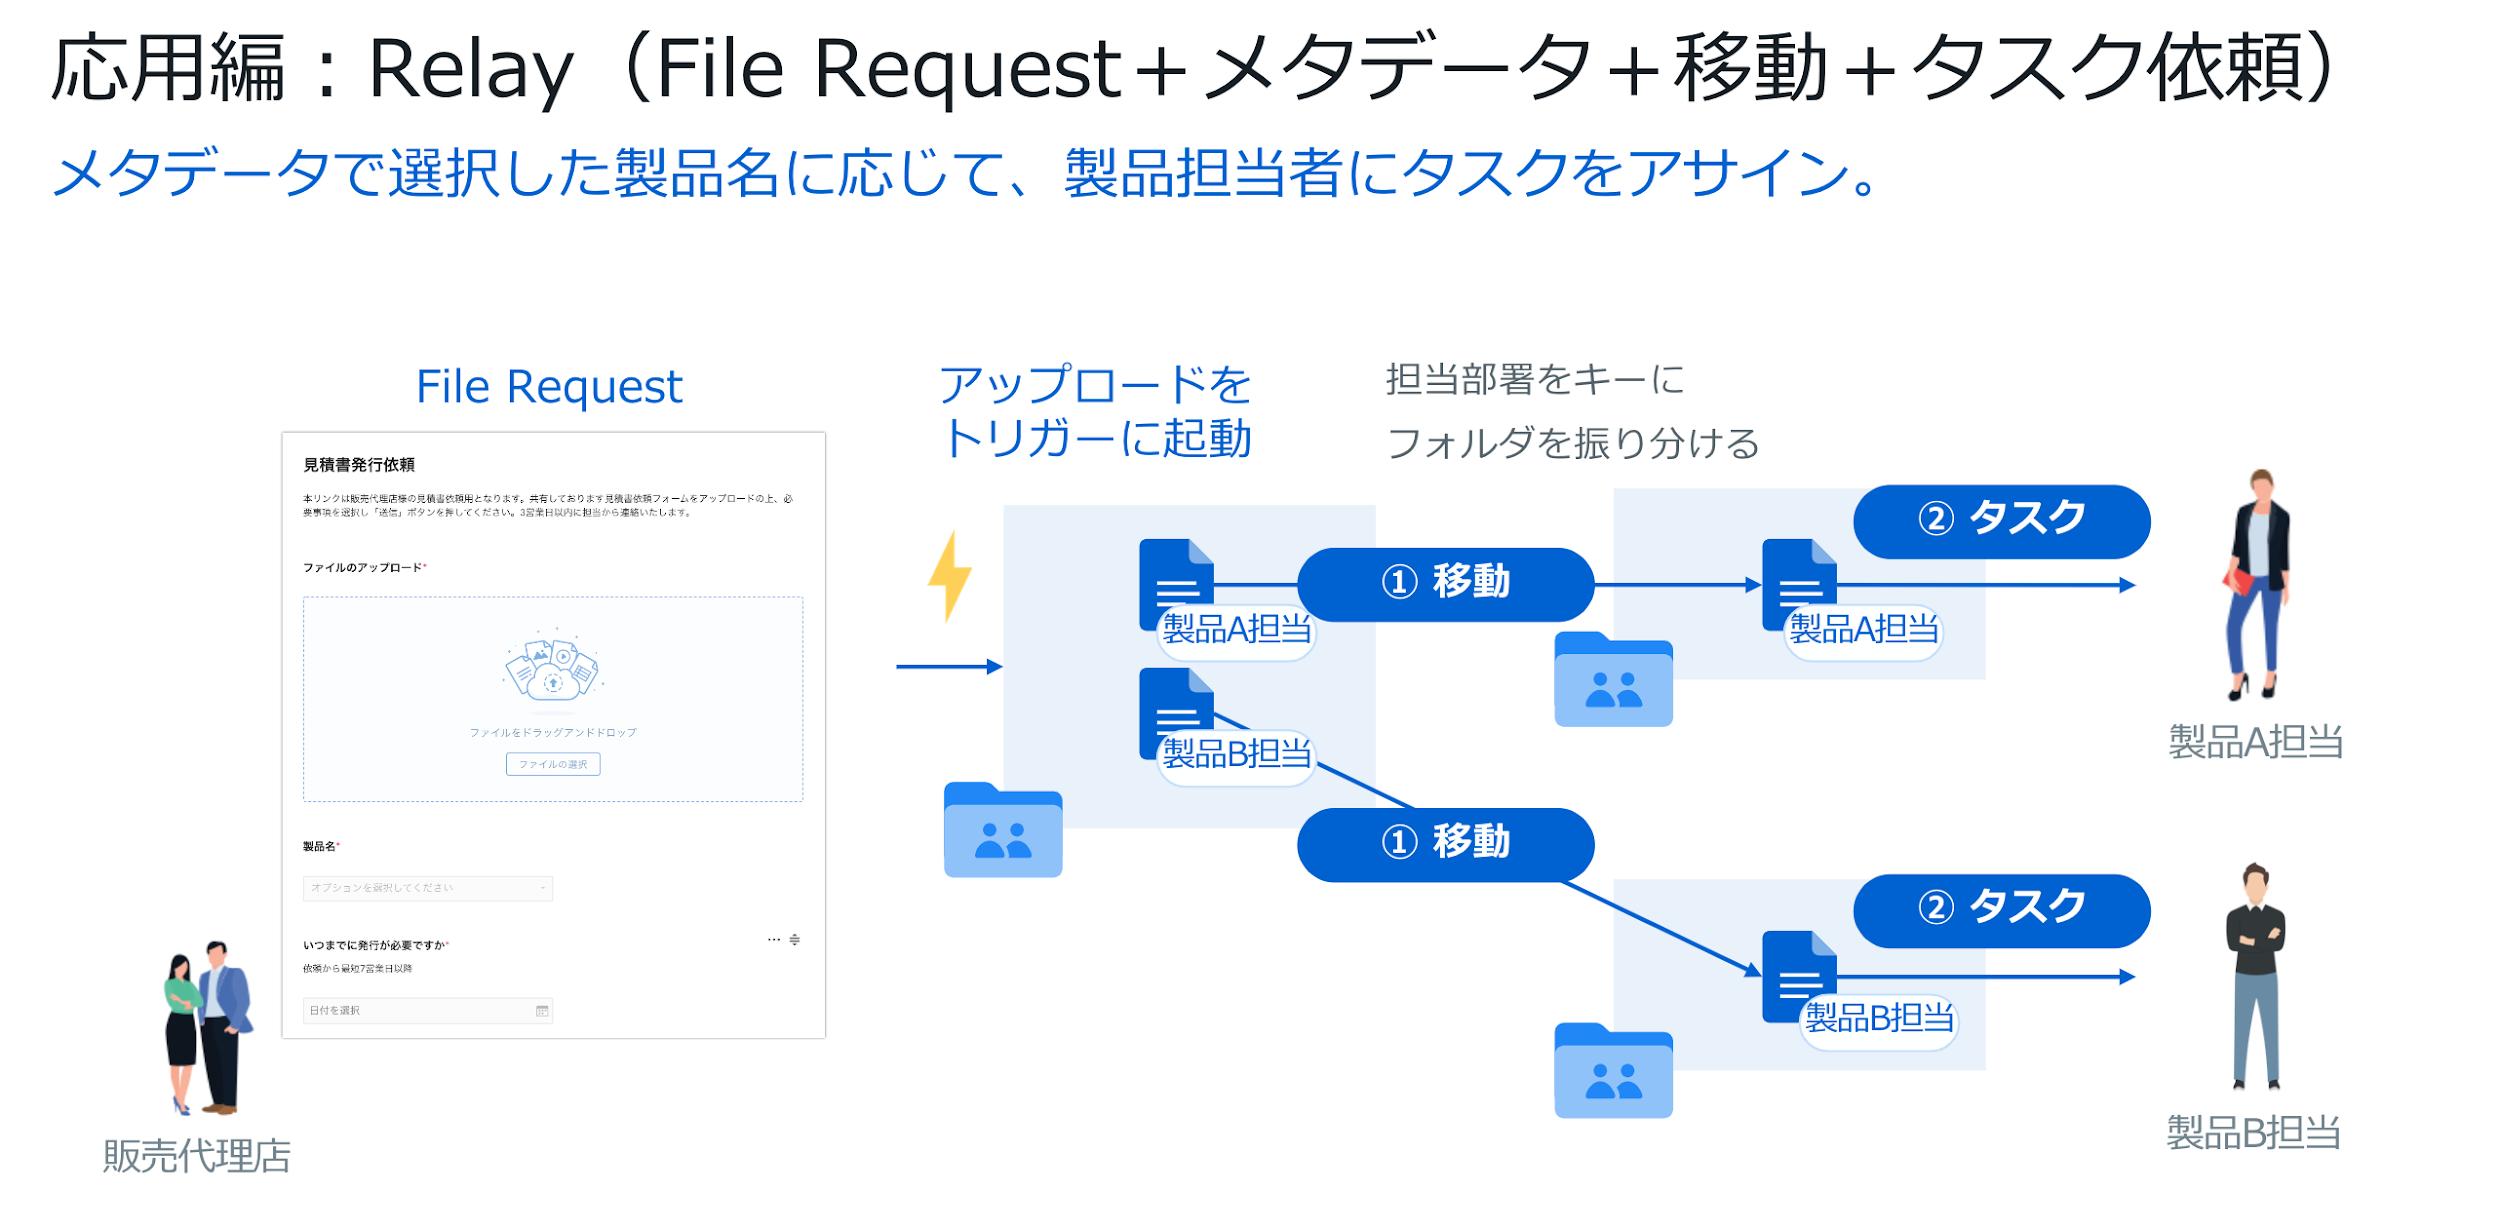 BJCC第12回Meetup開催レポート: 「ファイル保管庫」として使うだけではもったいない——レビューもワークフローもこなせる「Box」の潜在能力を解放せよ 09